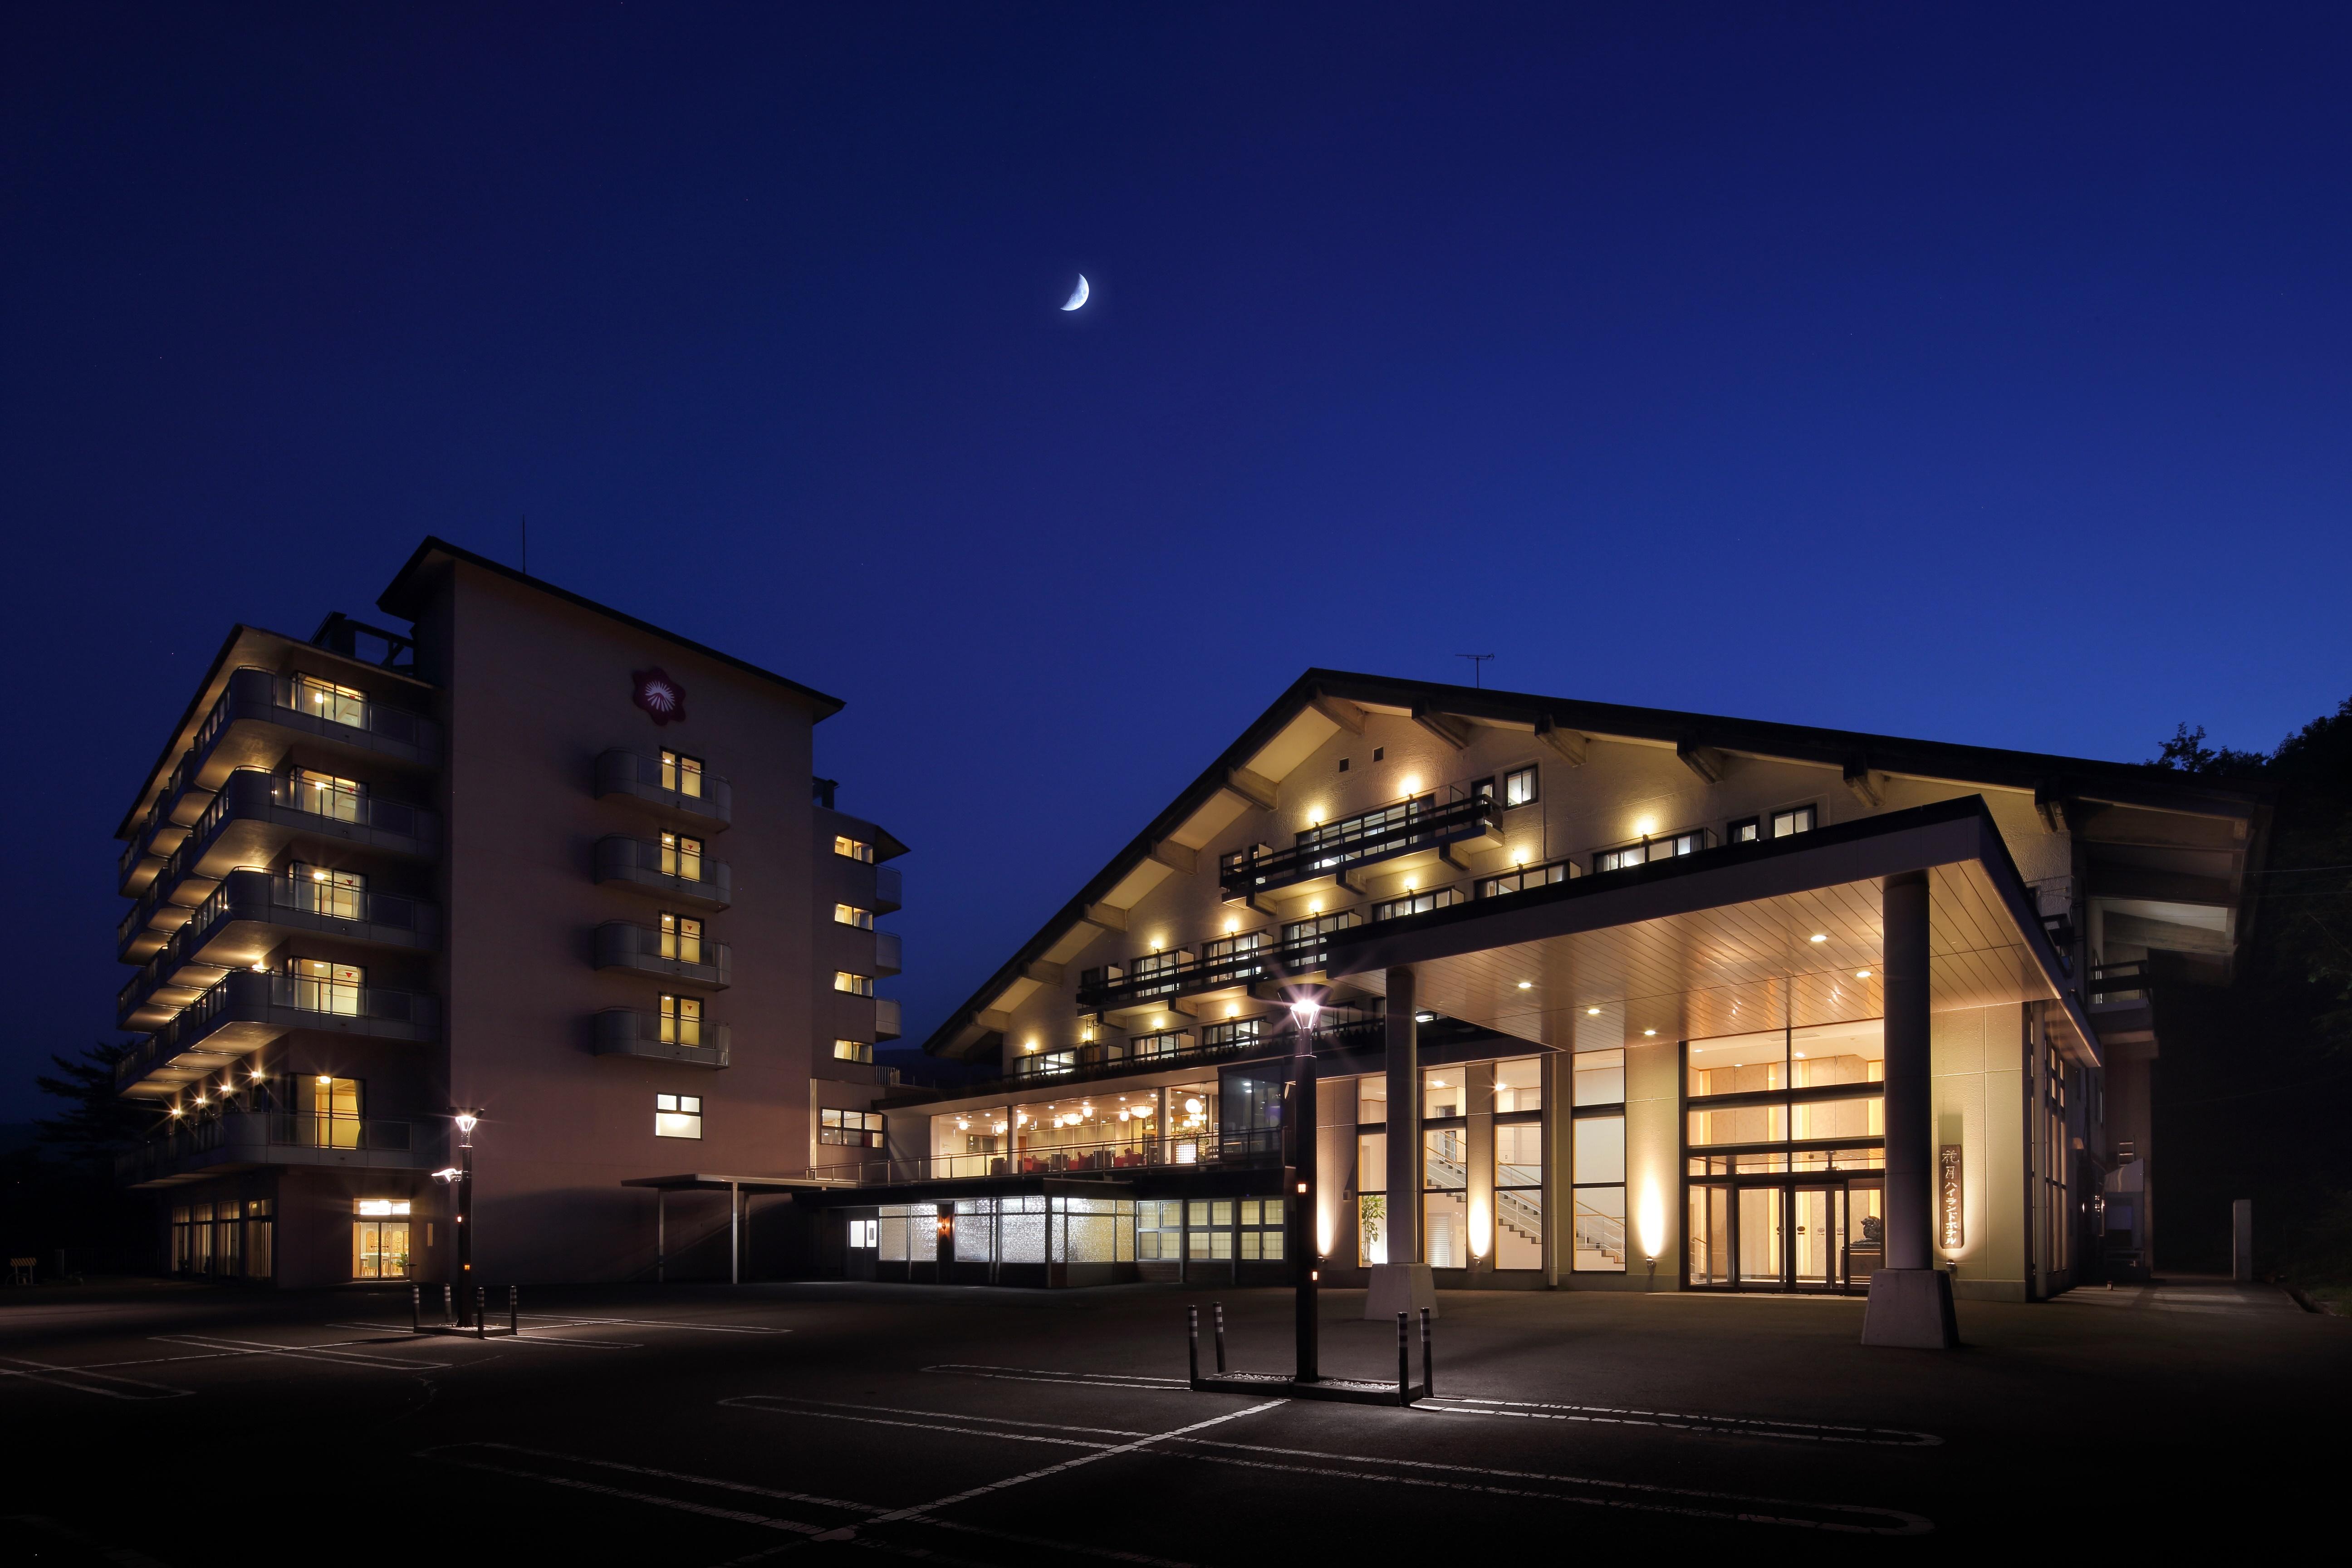 高湯温泉 花月ハイランドホテル